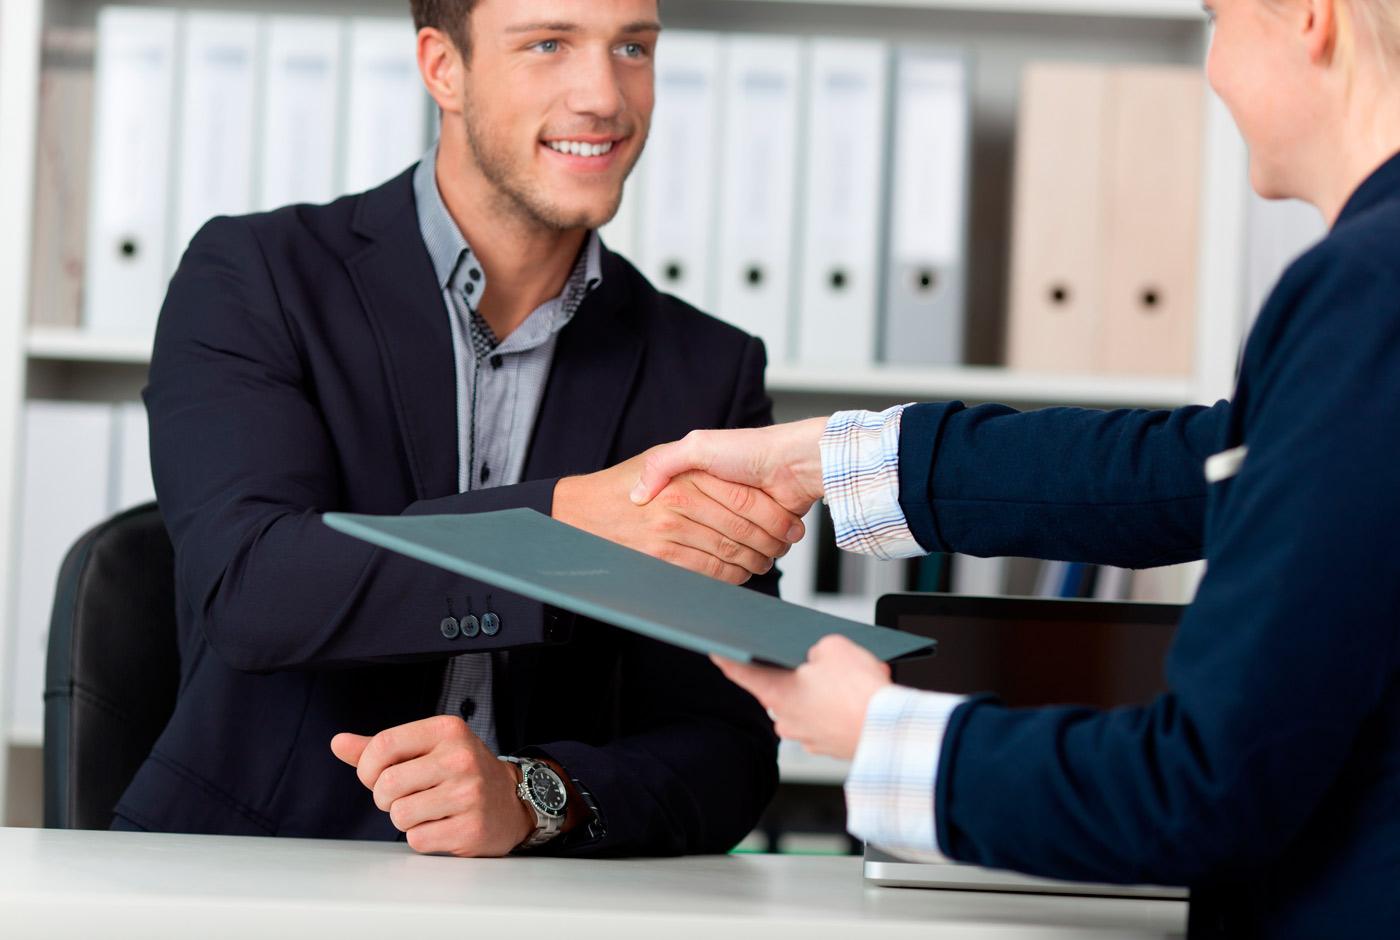 Bilde fra en rekrutteringsprosess. En mann sitter ved et skrivebord og smiler mens han håndhilser på en kvinne. De er begge ikledd dress og kvinnen holder en mappe I hånden. I bakgrunnen kan en rekke permer skimtes.